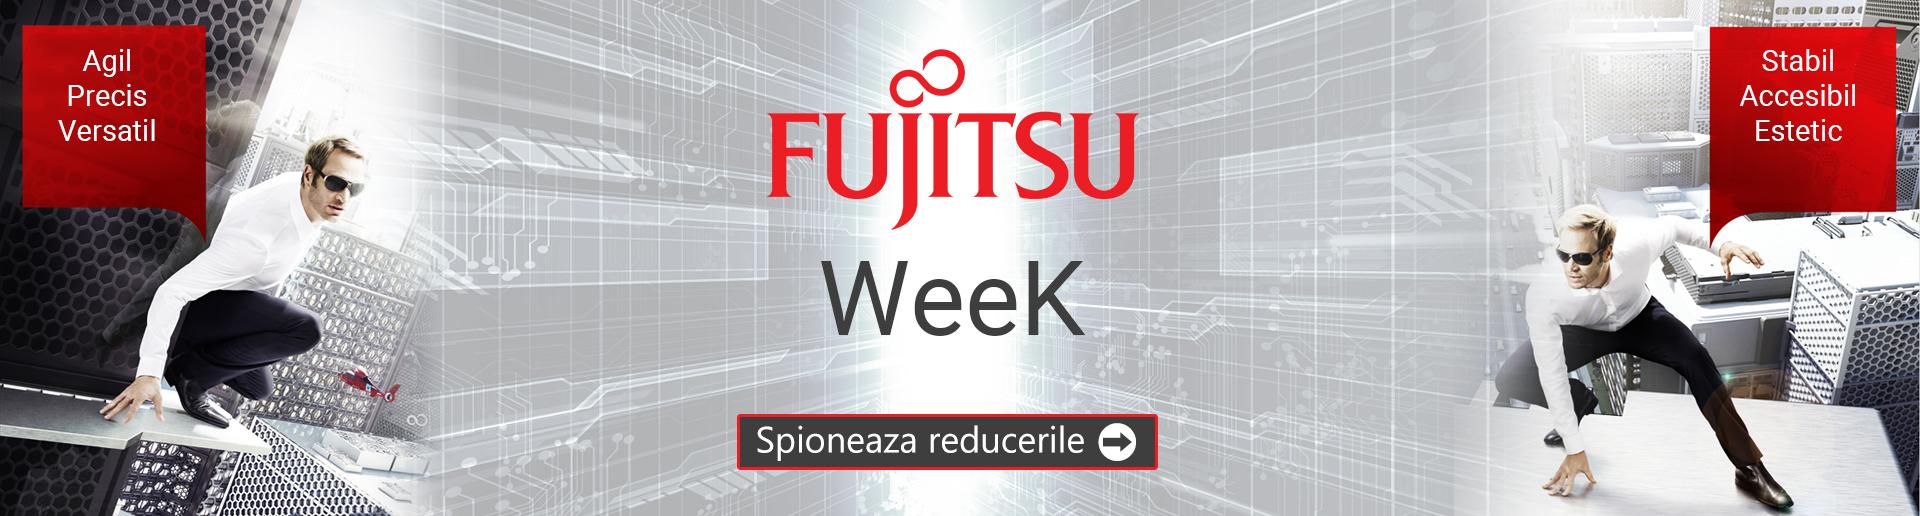 Fujitsu-week